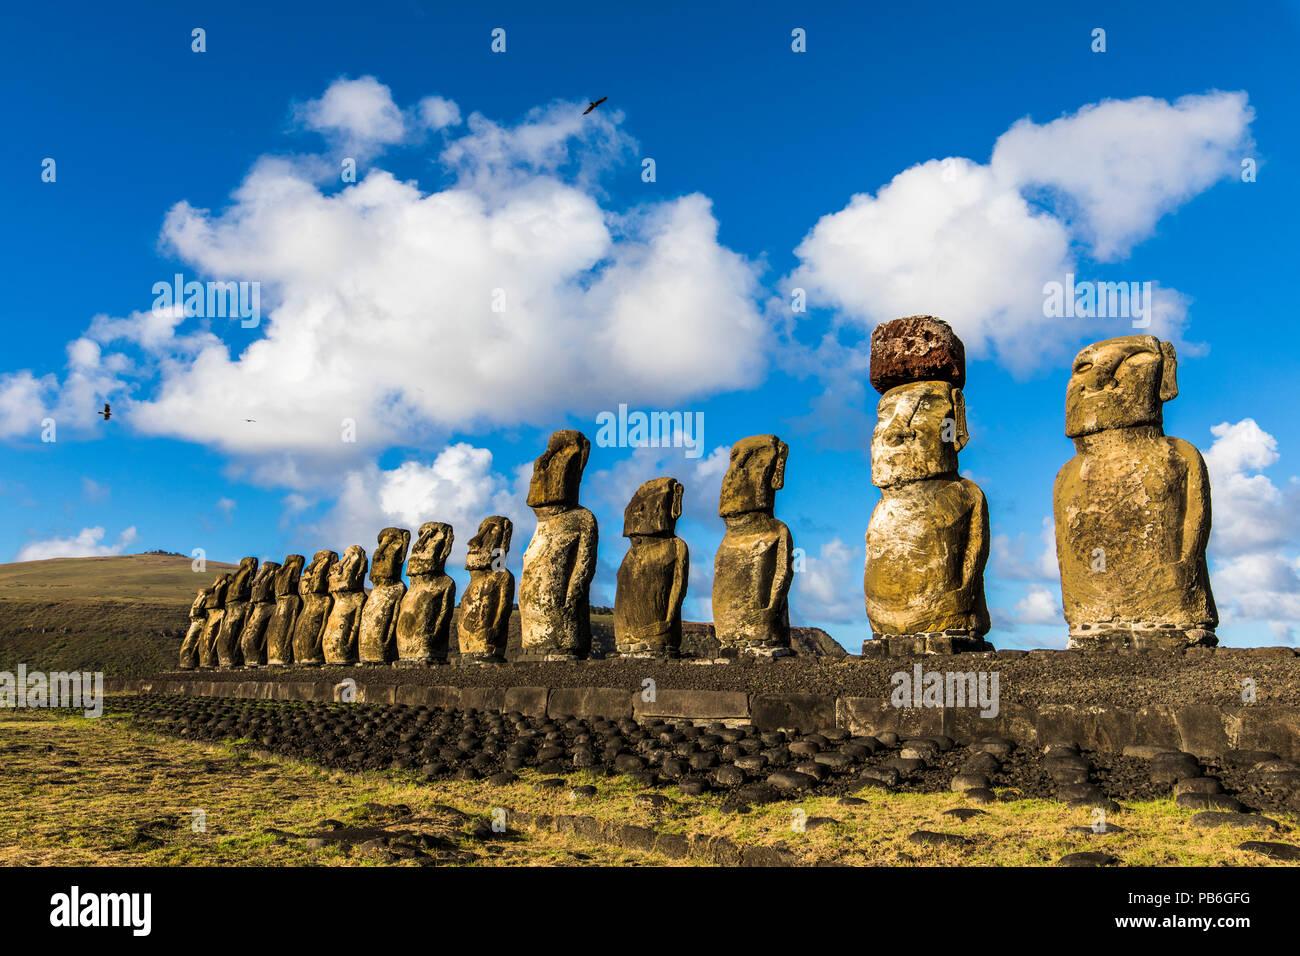 Ahu Tongariki, el Ahu plataforma más sorprendentes en la Isla de Pascua. 15 moais siguen en pie en el sureste de la isla. Ahu Tongariki revela los Moai Imagen De Stock